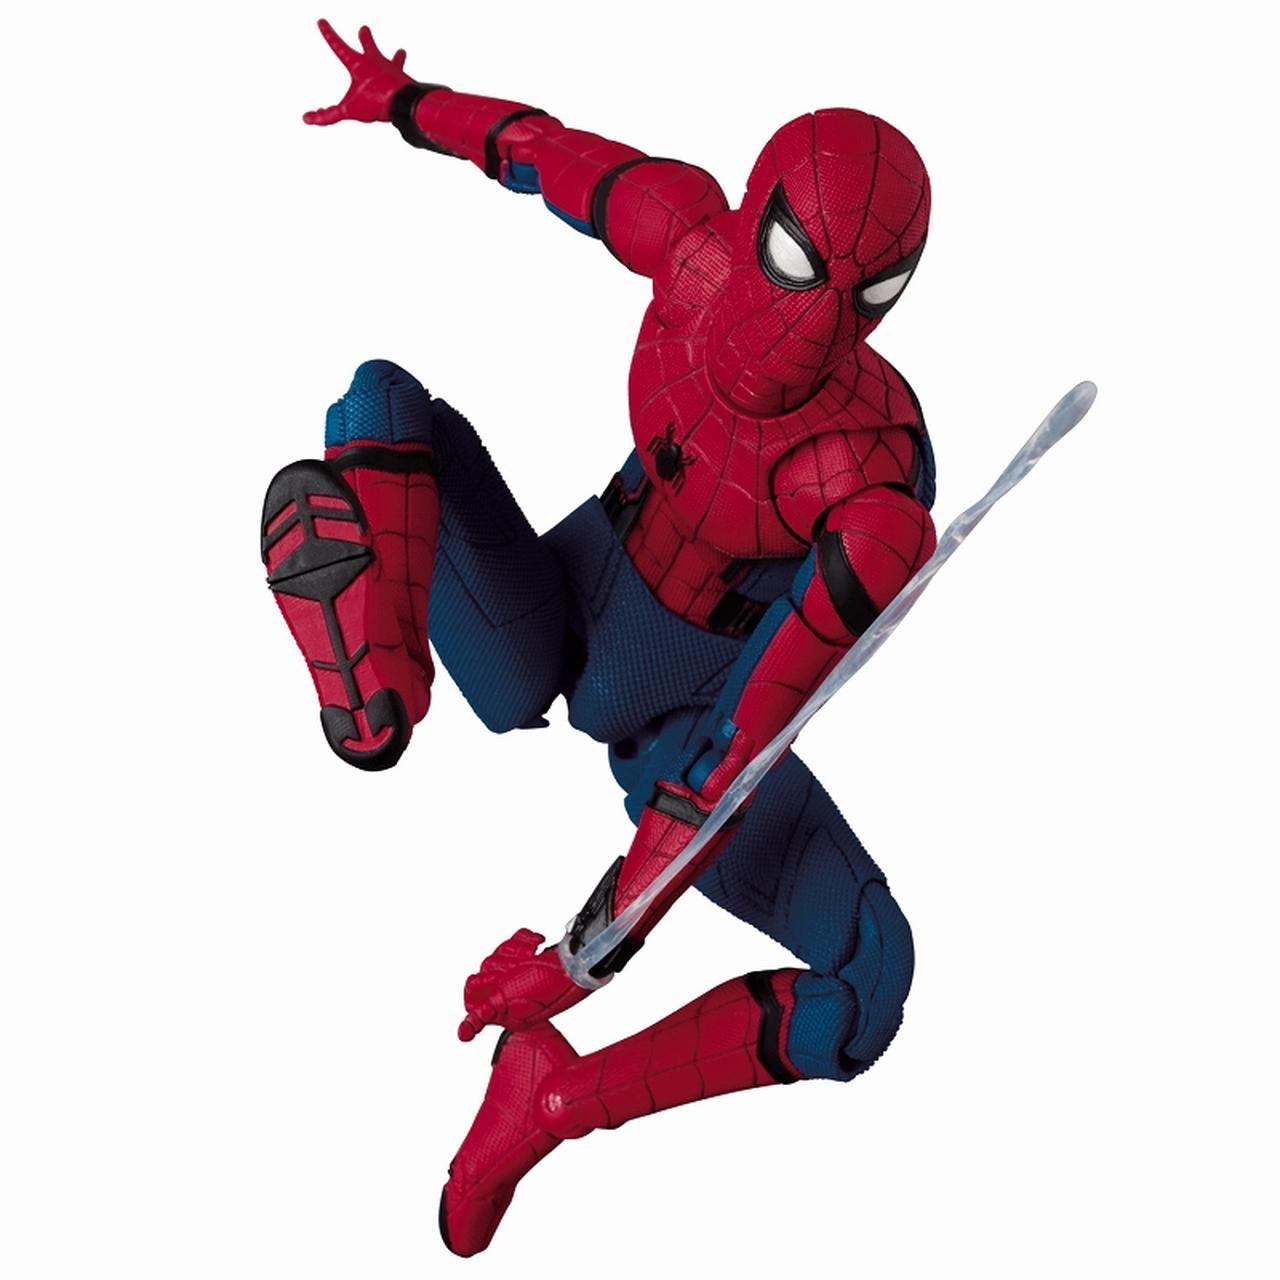 画像1: 「 スパイダーマン ホームカミング 」 マフェックス(MAFEX) スパイダーマン